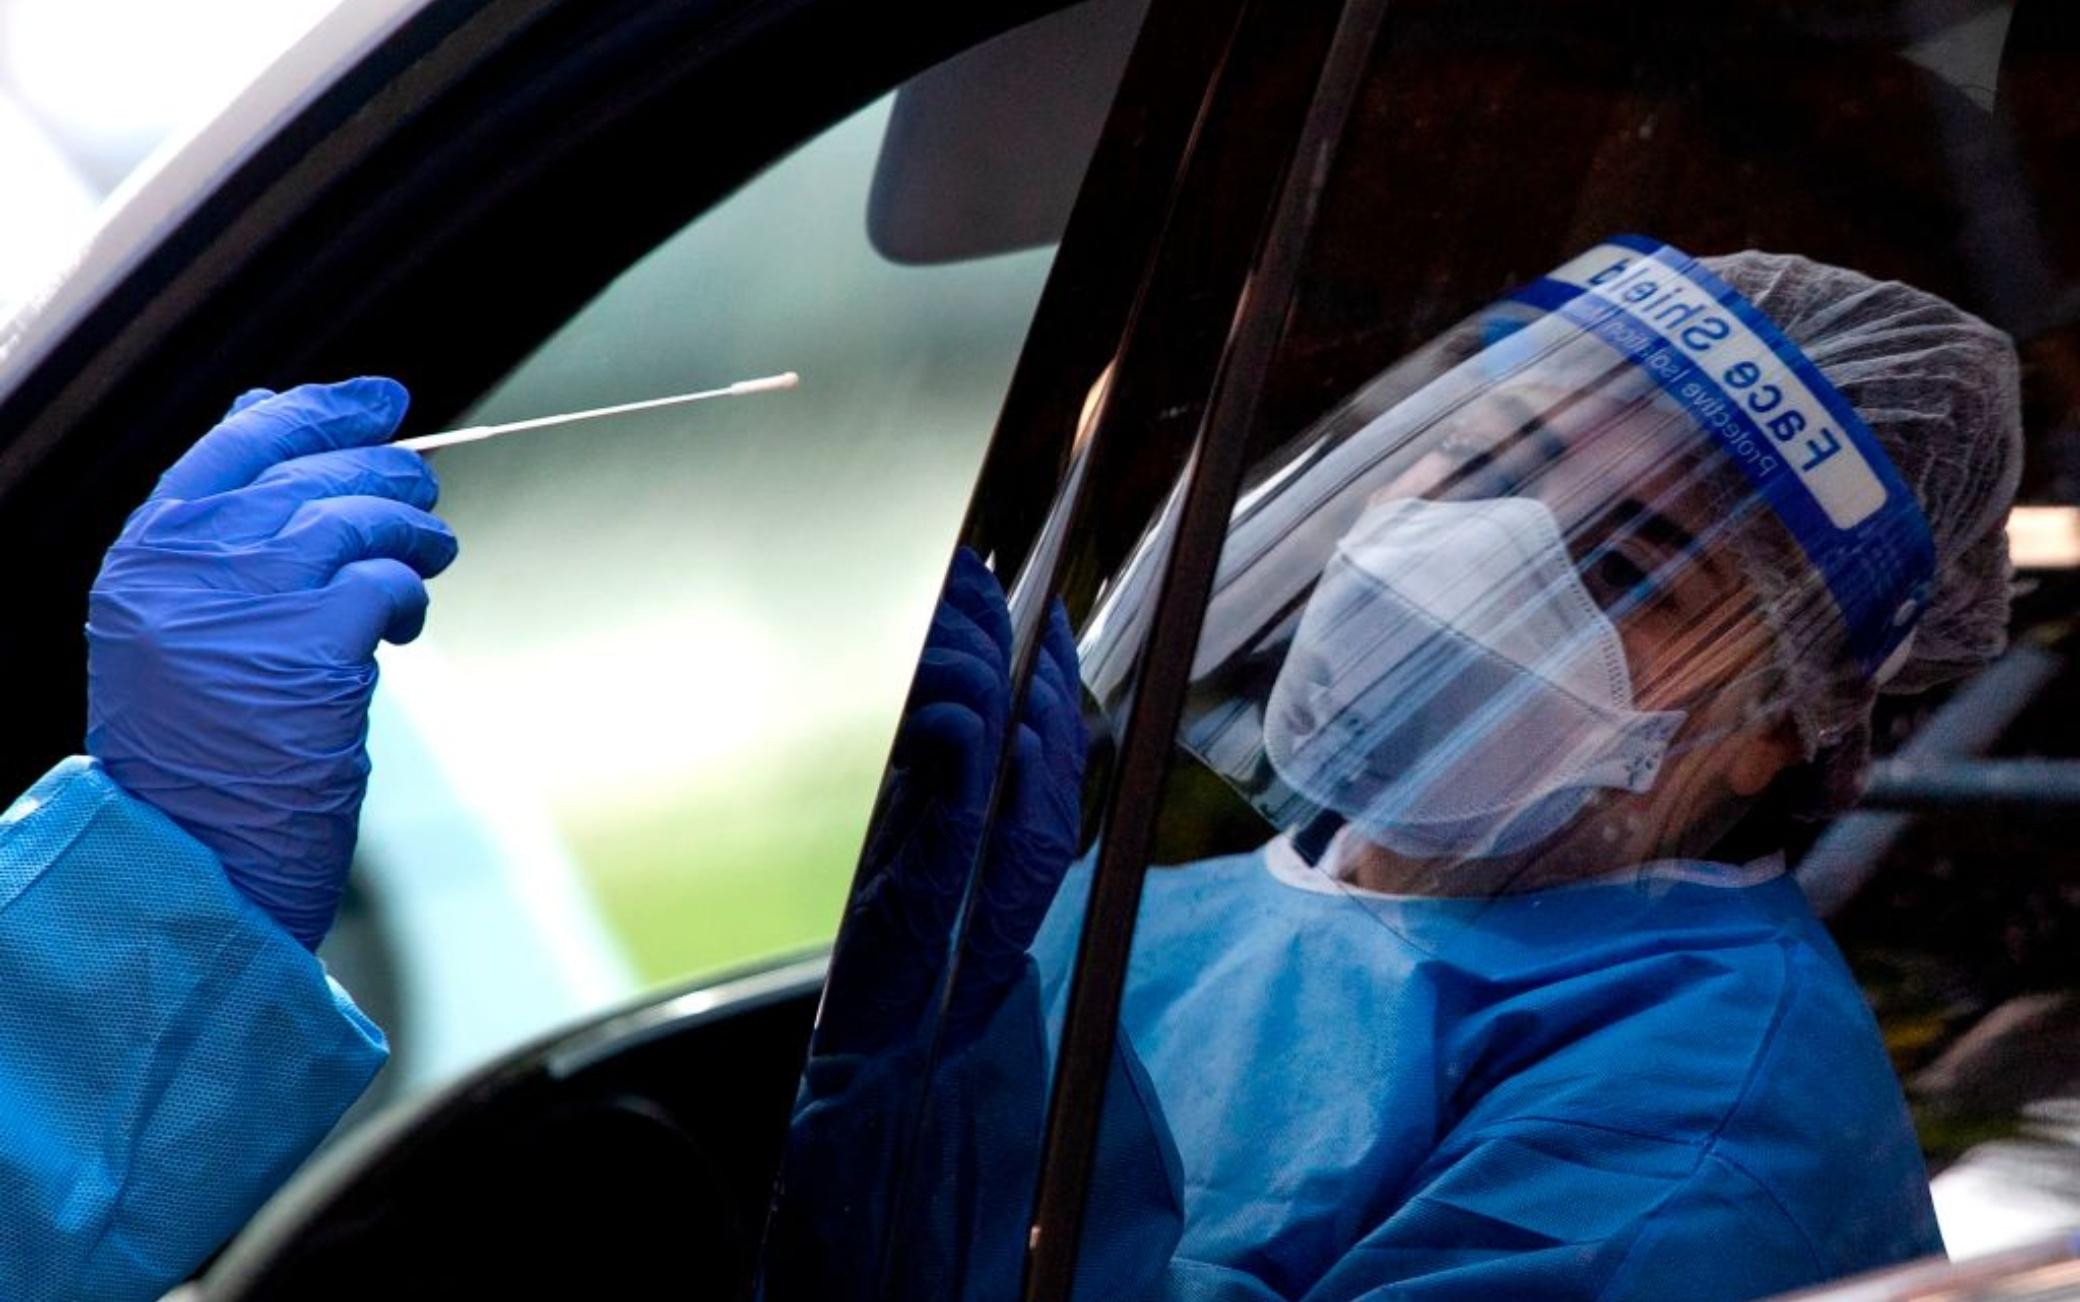 Coronavirus, nuova impennata di casi e vittime. Stime Imhe: rischio 300 decessi al giorno a dicembre